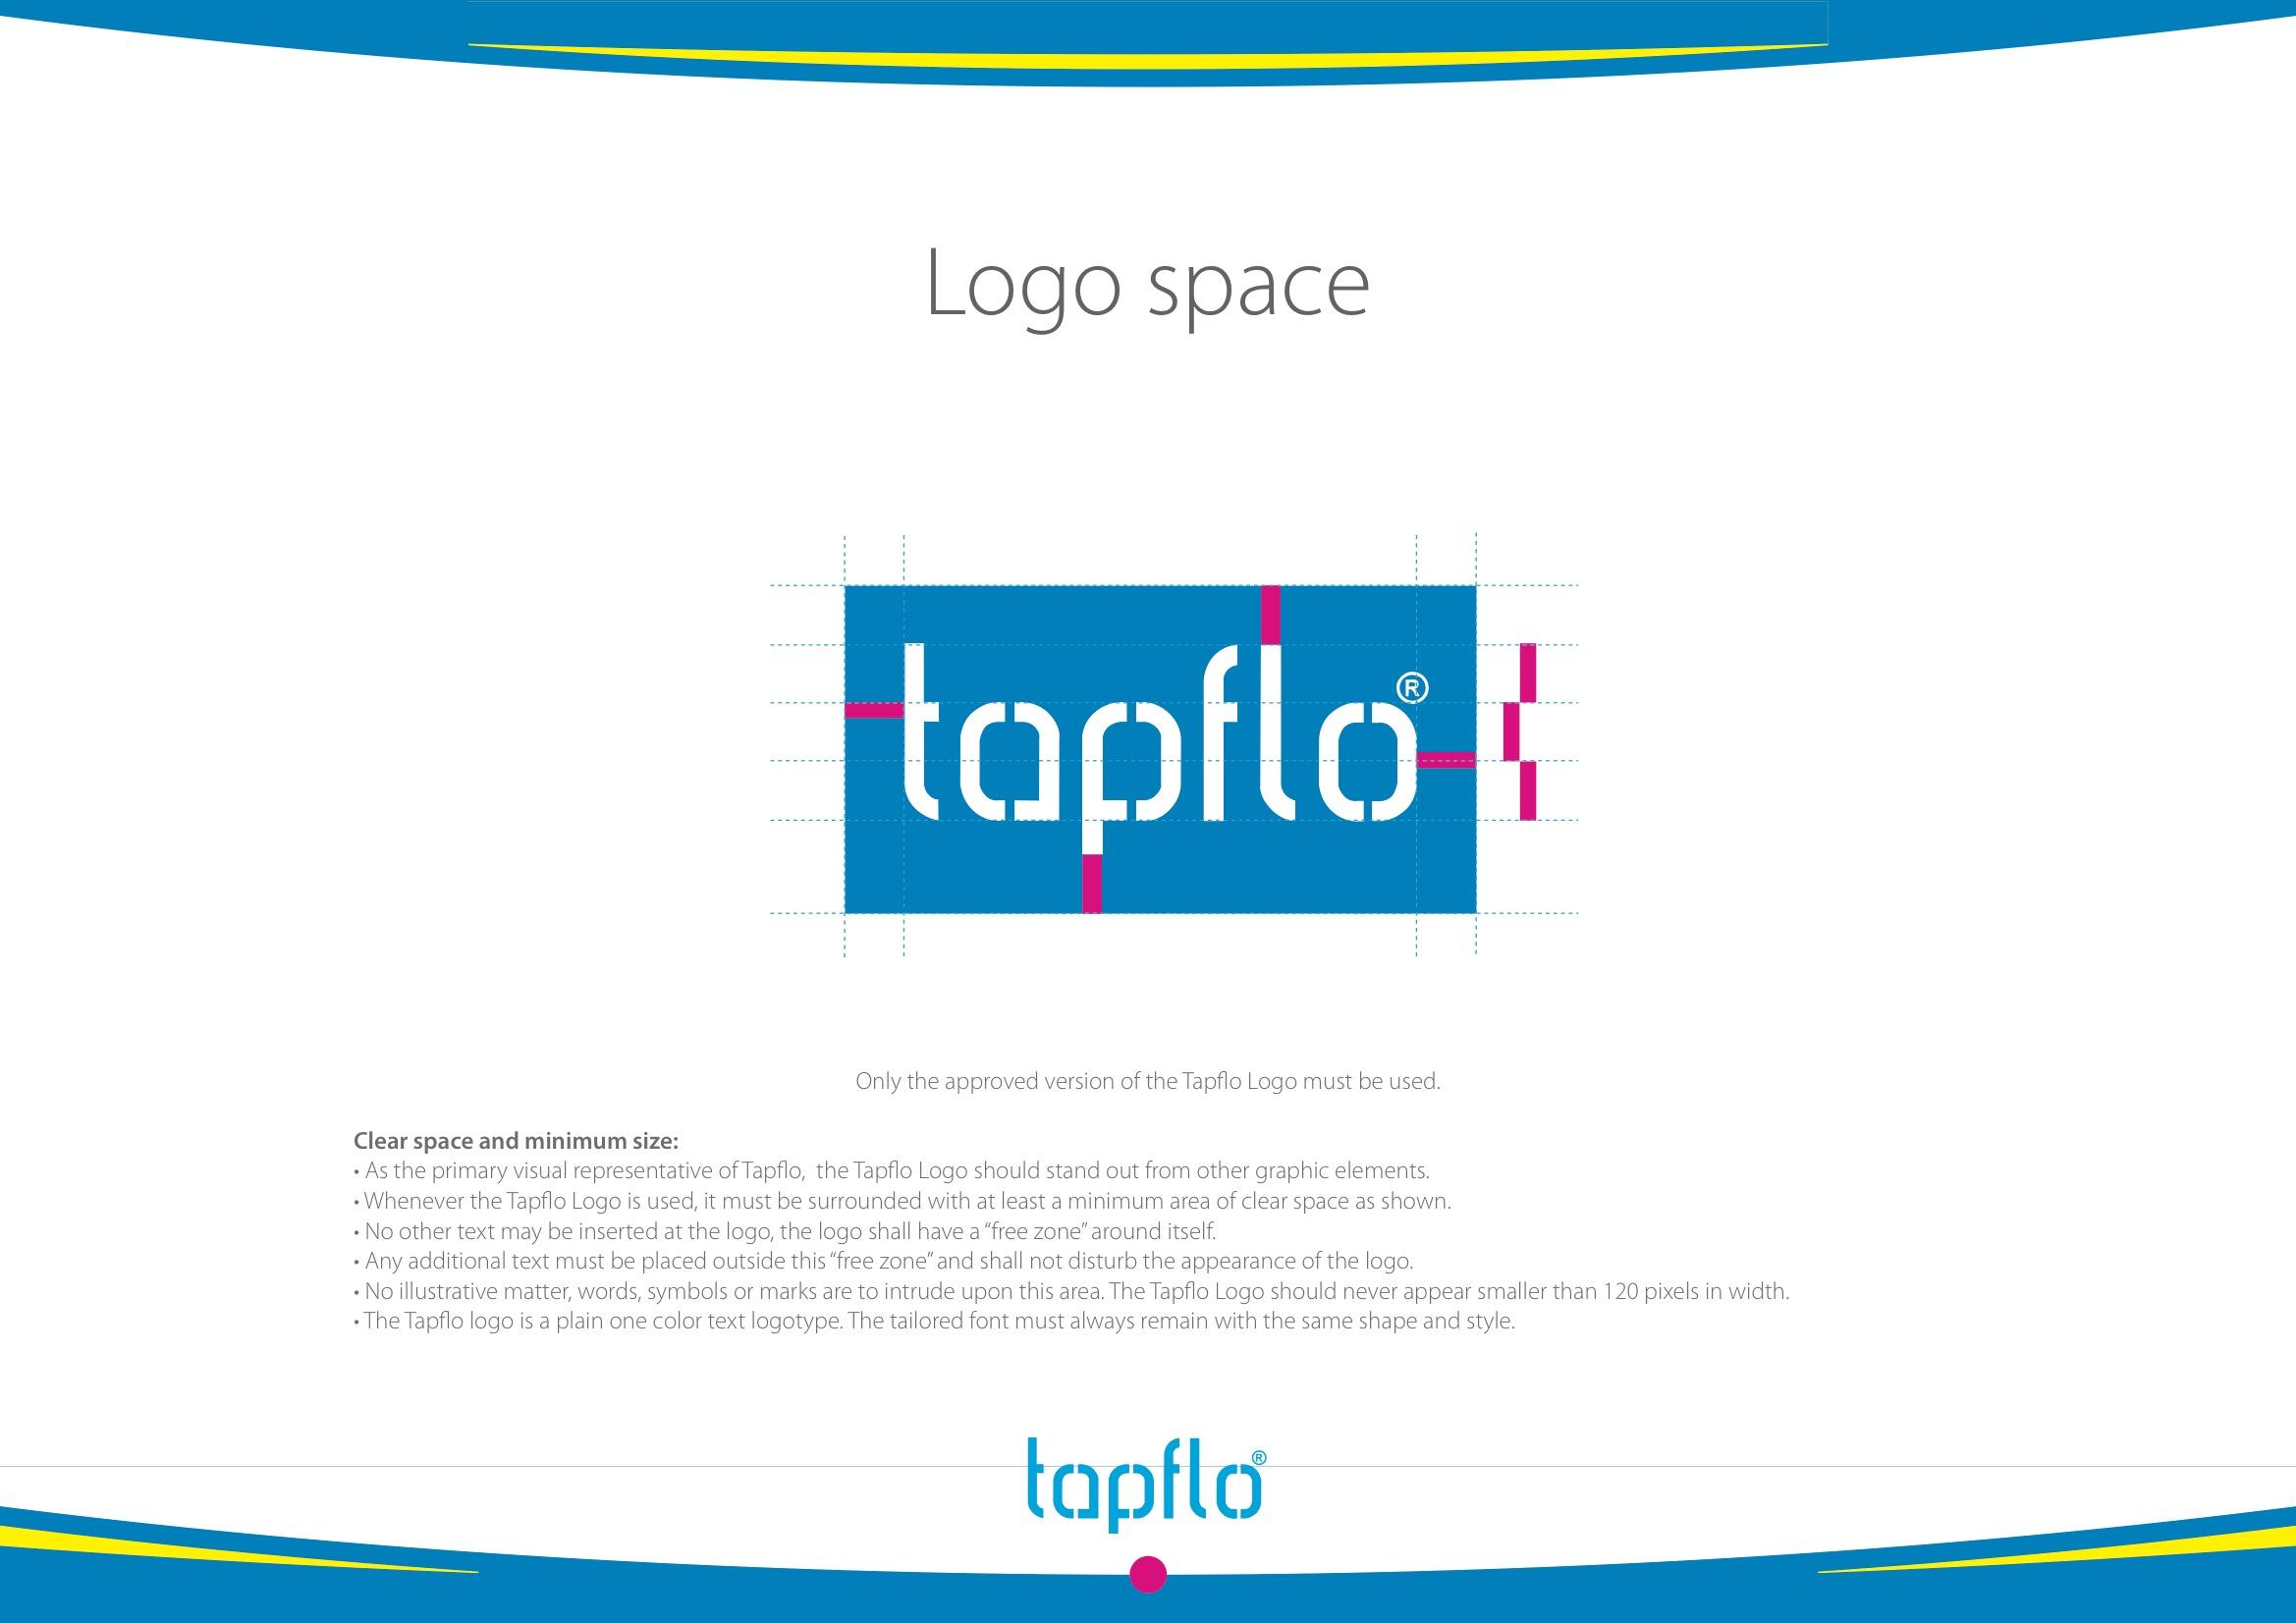 Tapflo_Style_23maijs 5